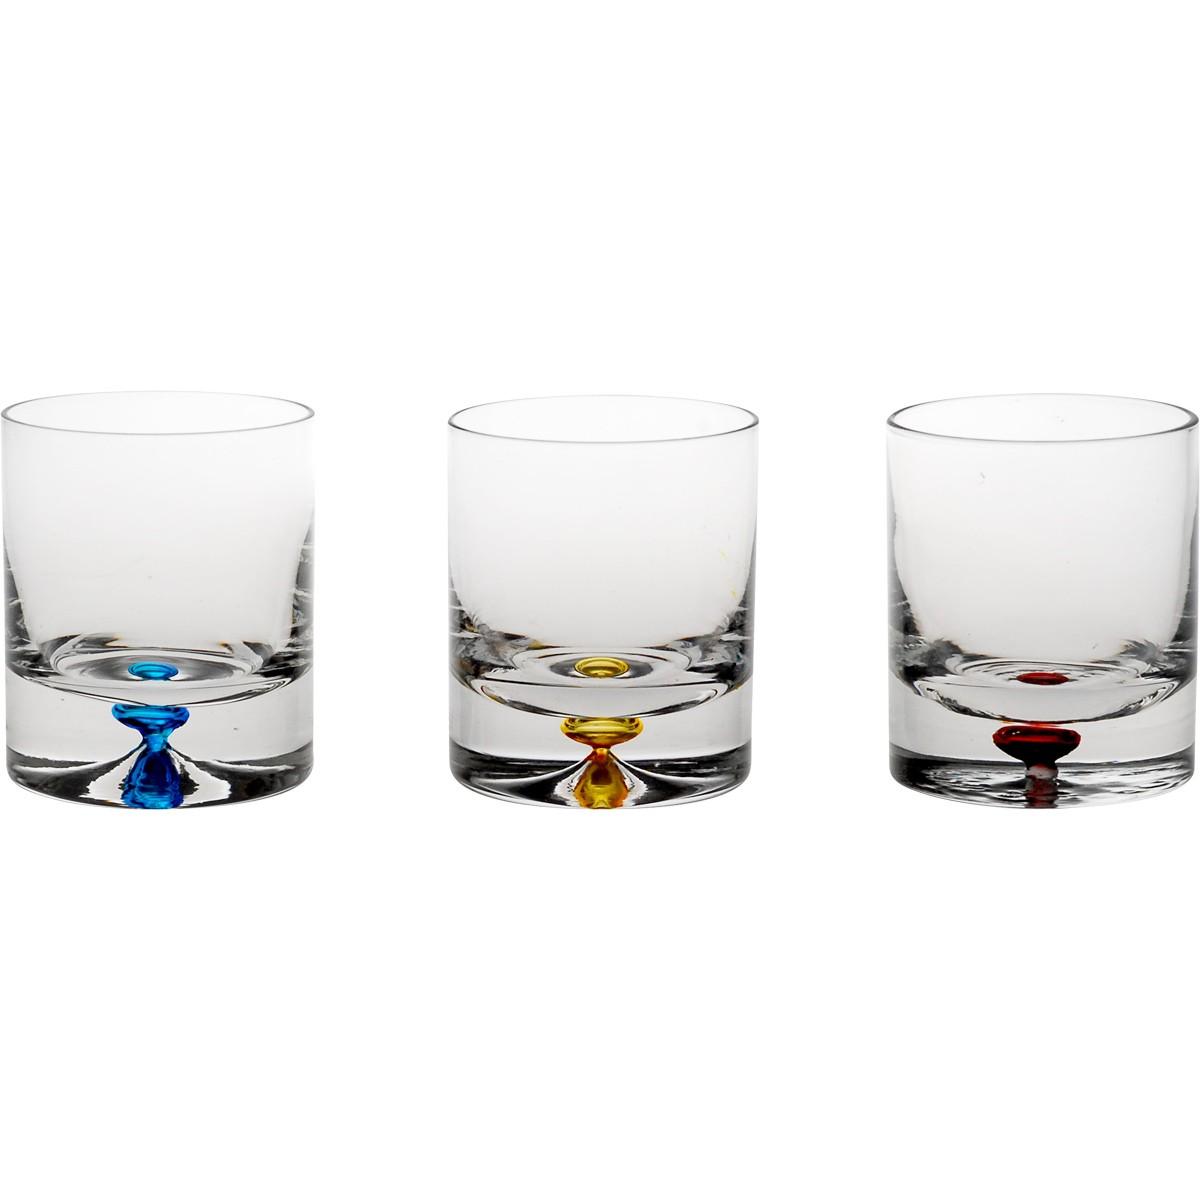 Ποτήρια Ουίσκι (Σετ 6τμχ) Home Design SXIDF/9303